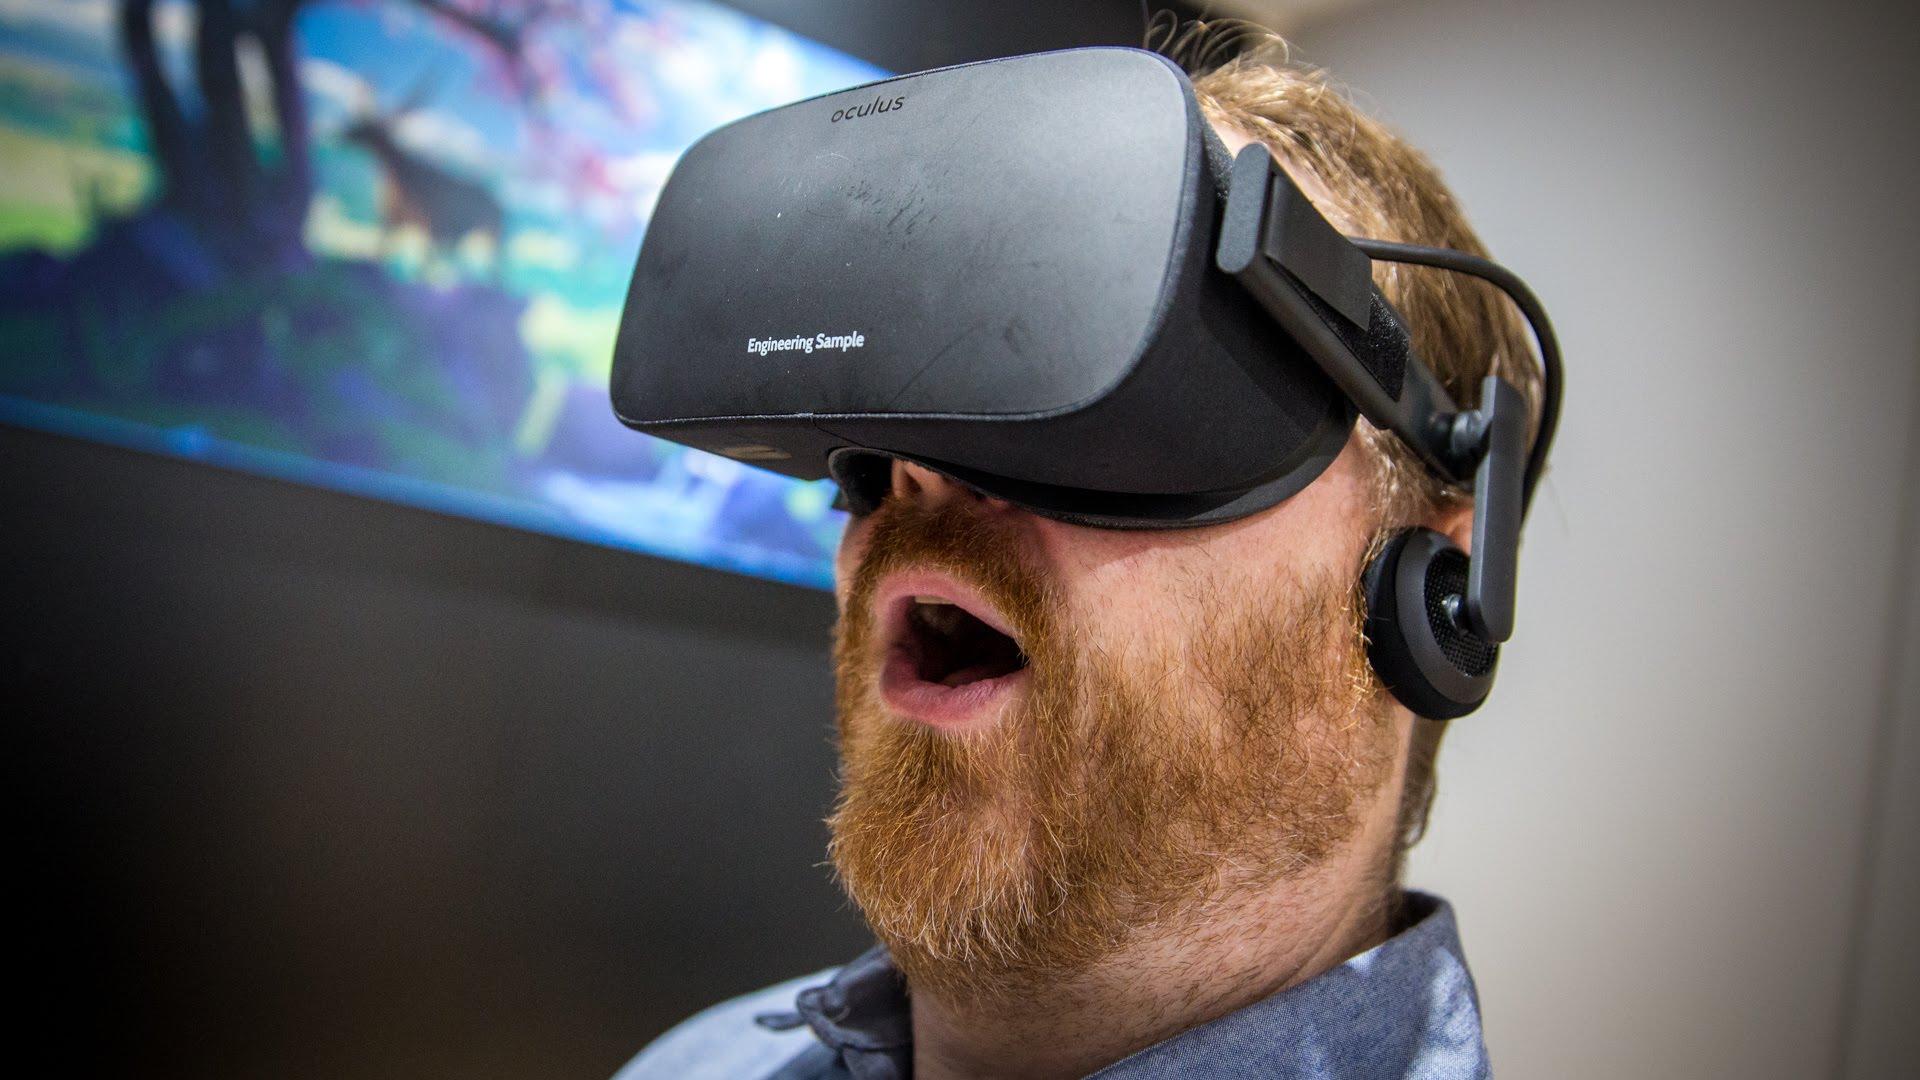 Ретроспектива очков и шлемов виртуальной реальности - 25